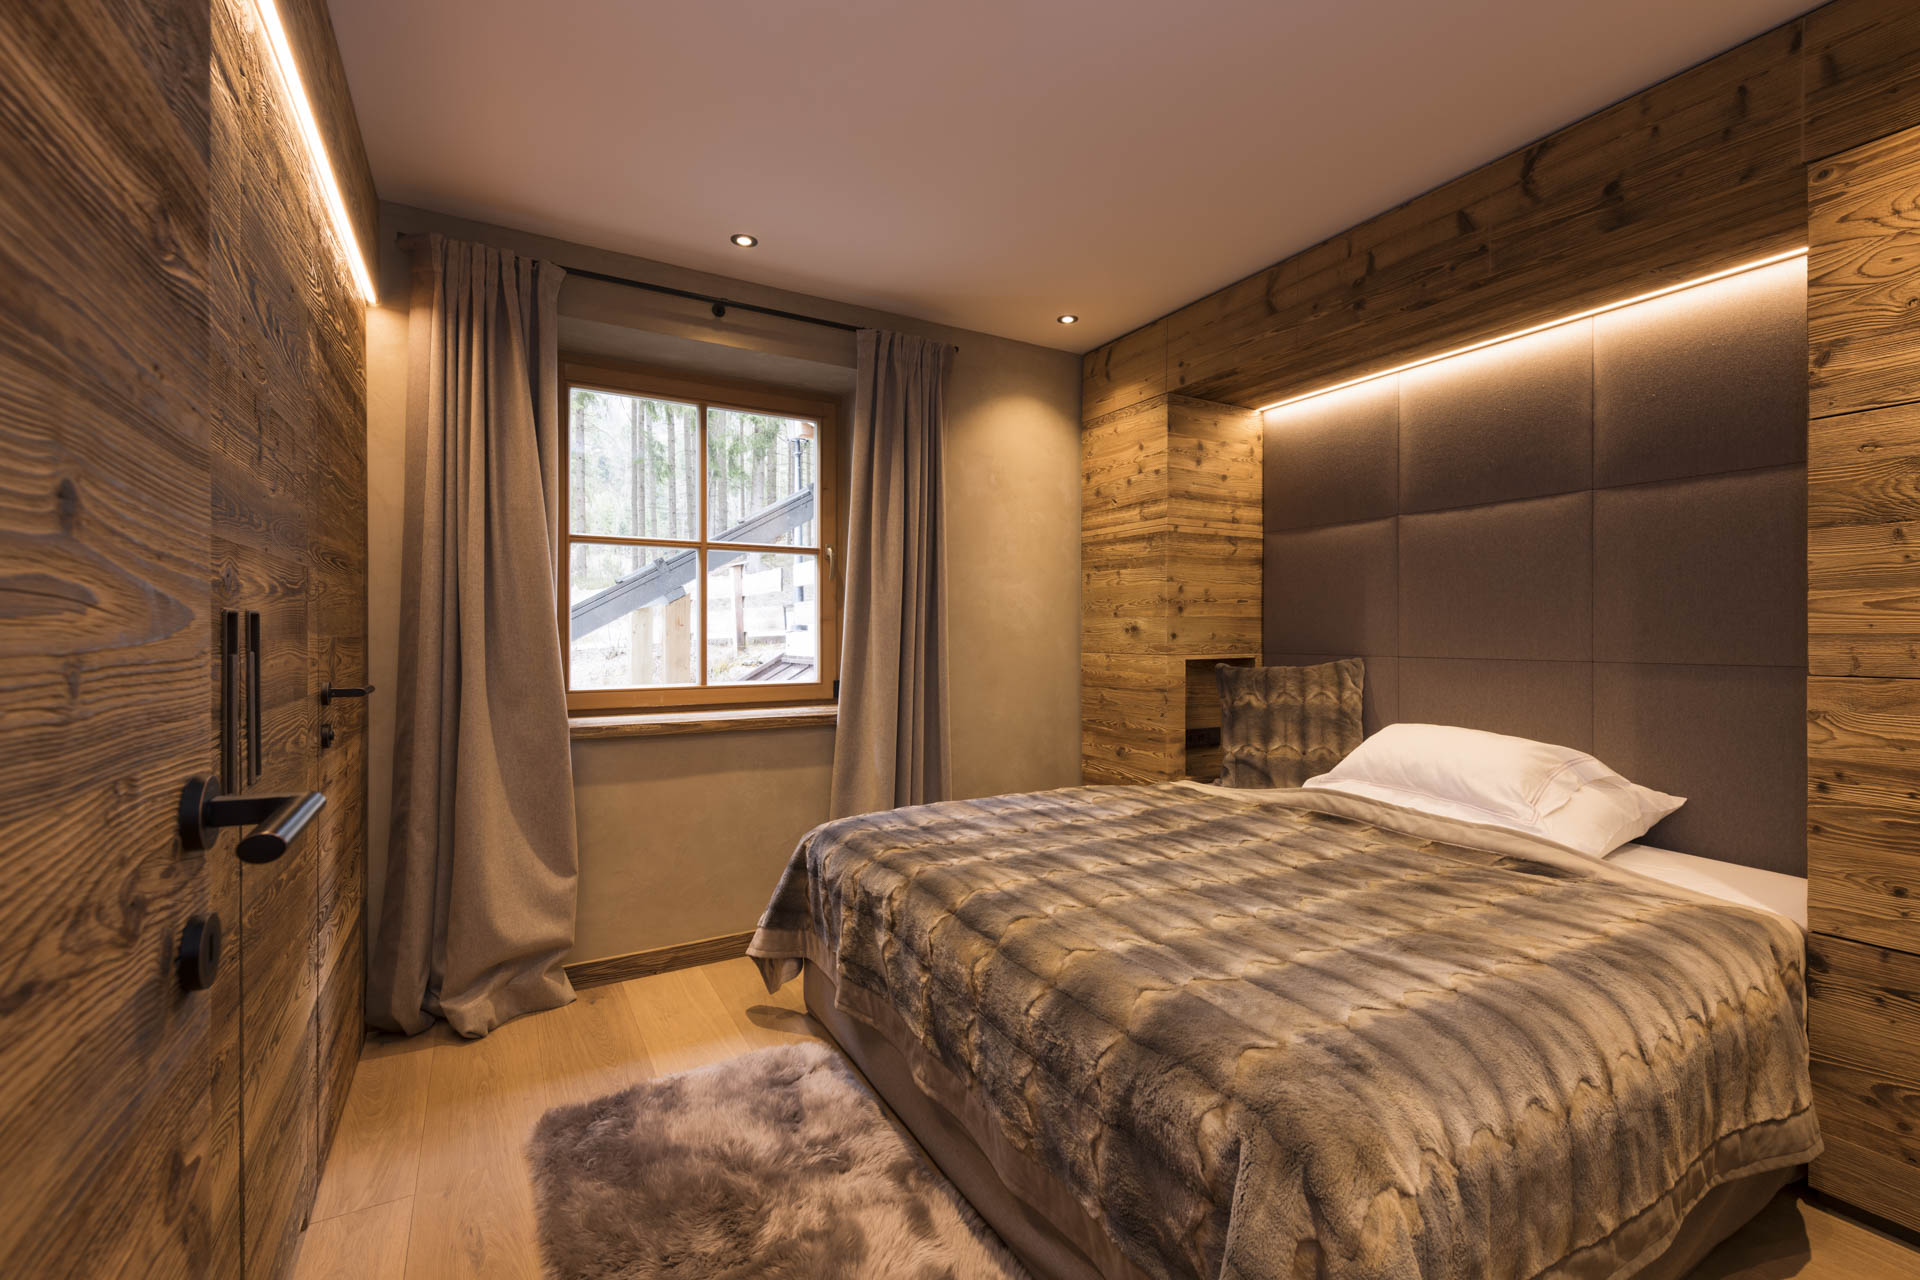 Tischlerei-Decker-Projekte-Wohnung-F-kleineres-Schlafzimmer